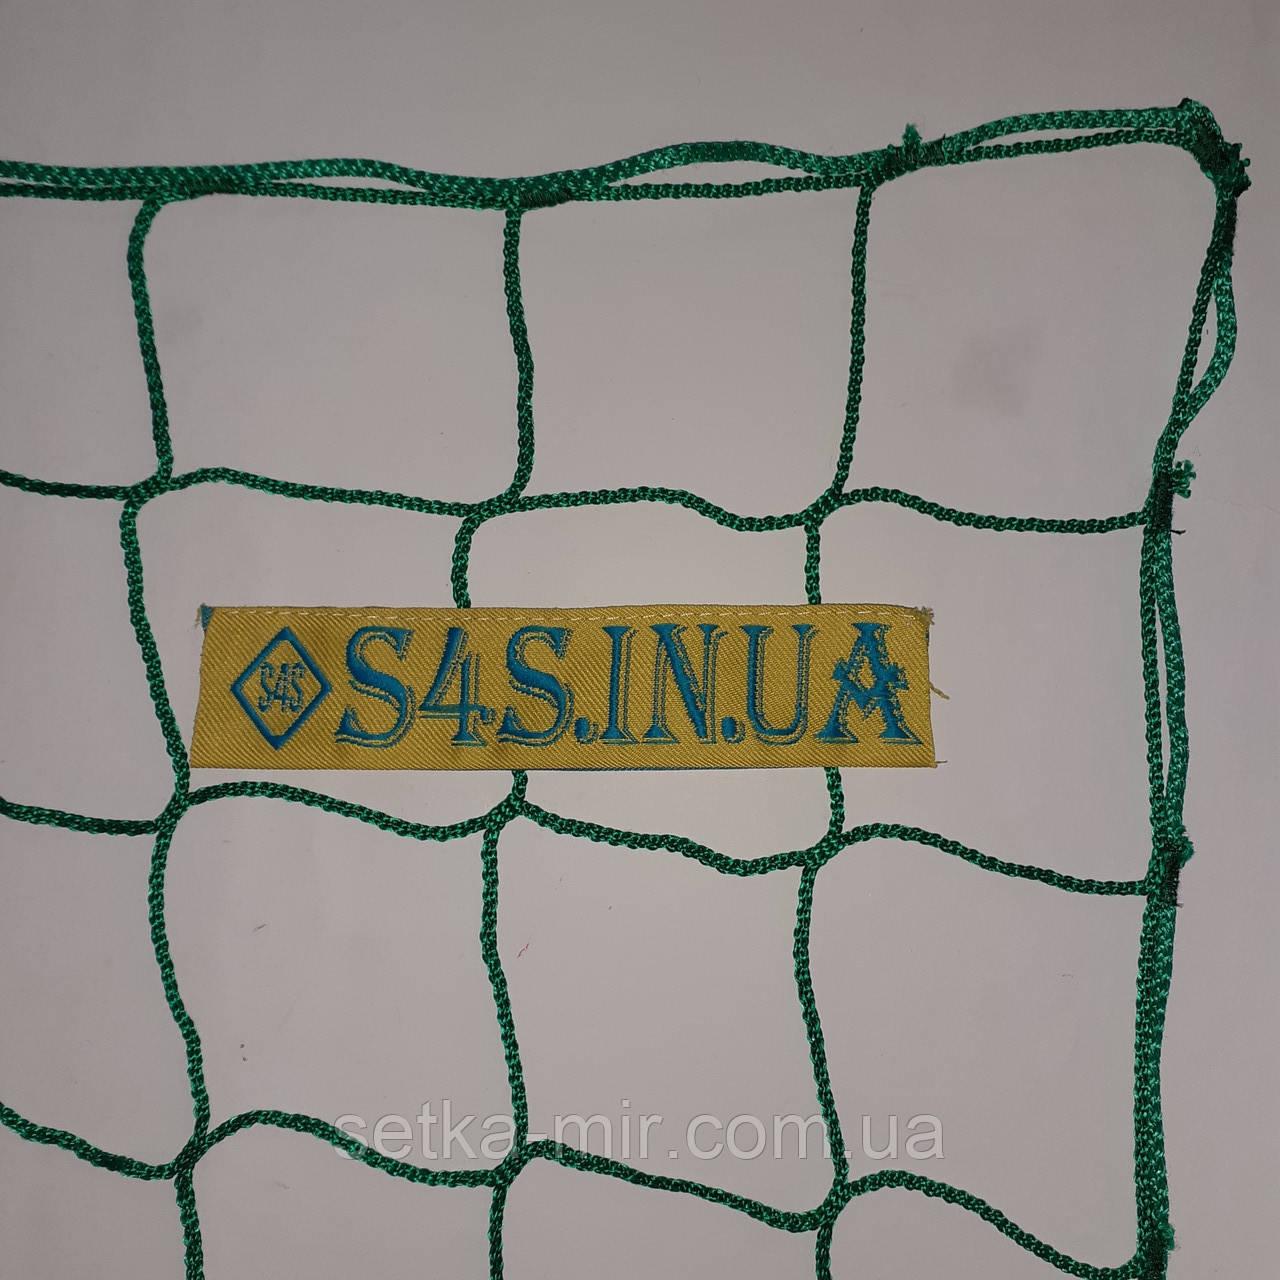 Спортсетка безузловая испанская, полипропилен, D – 3 мм, ячейка – 10 см, для ограждения спортплощадок, зелёная